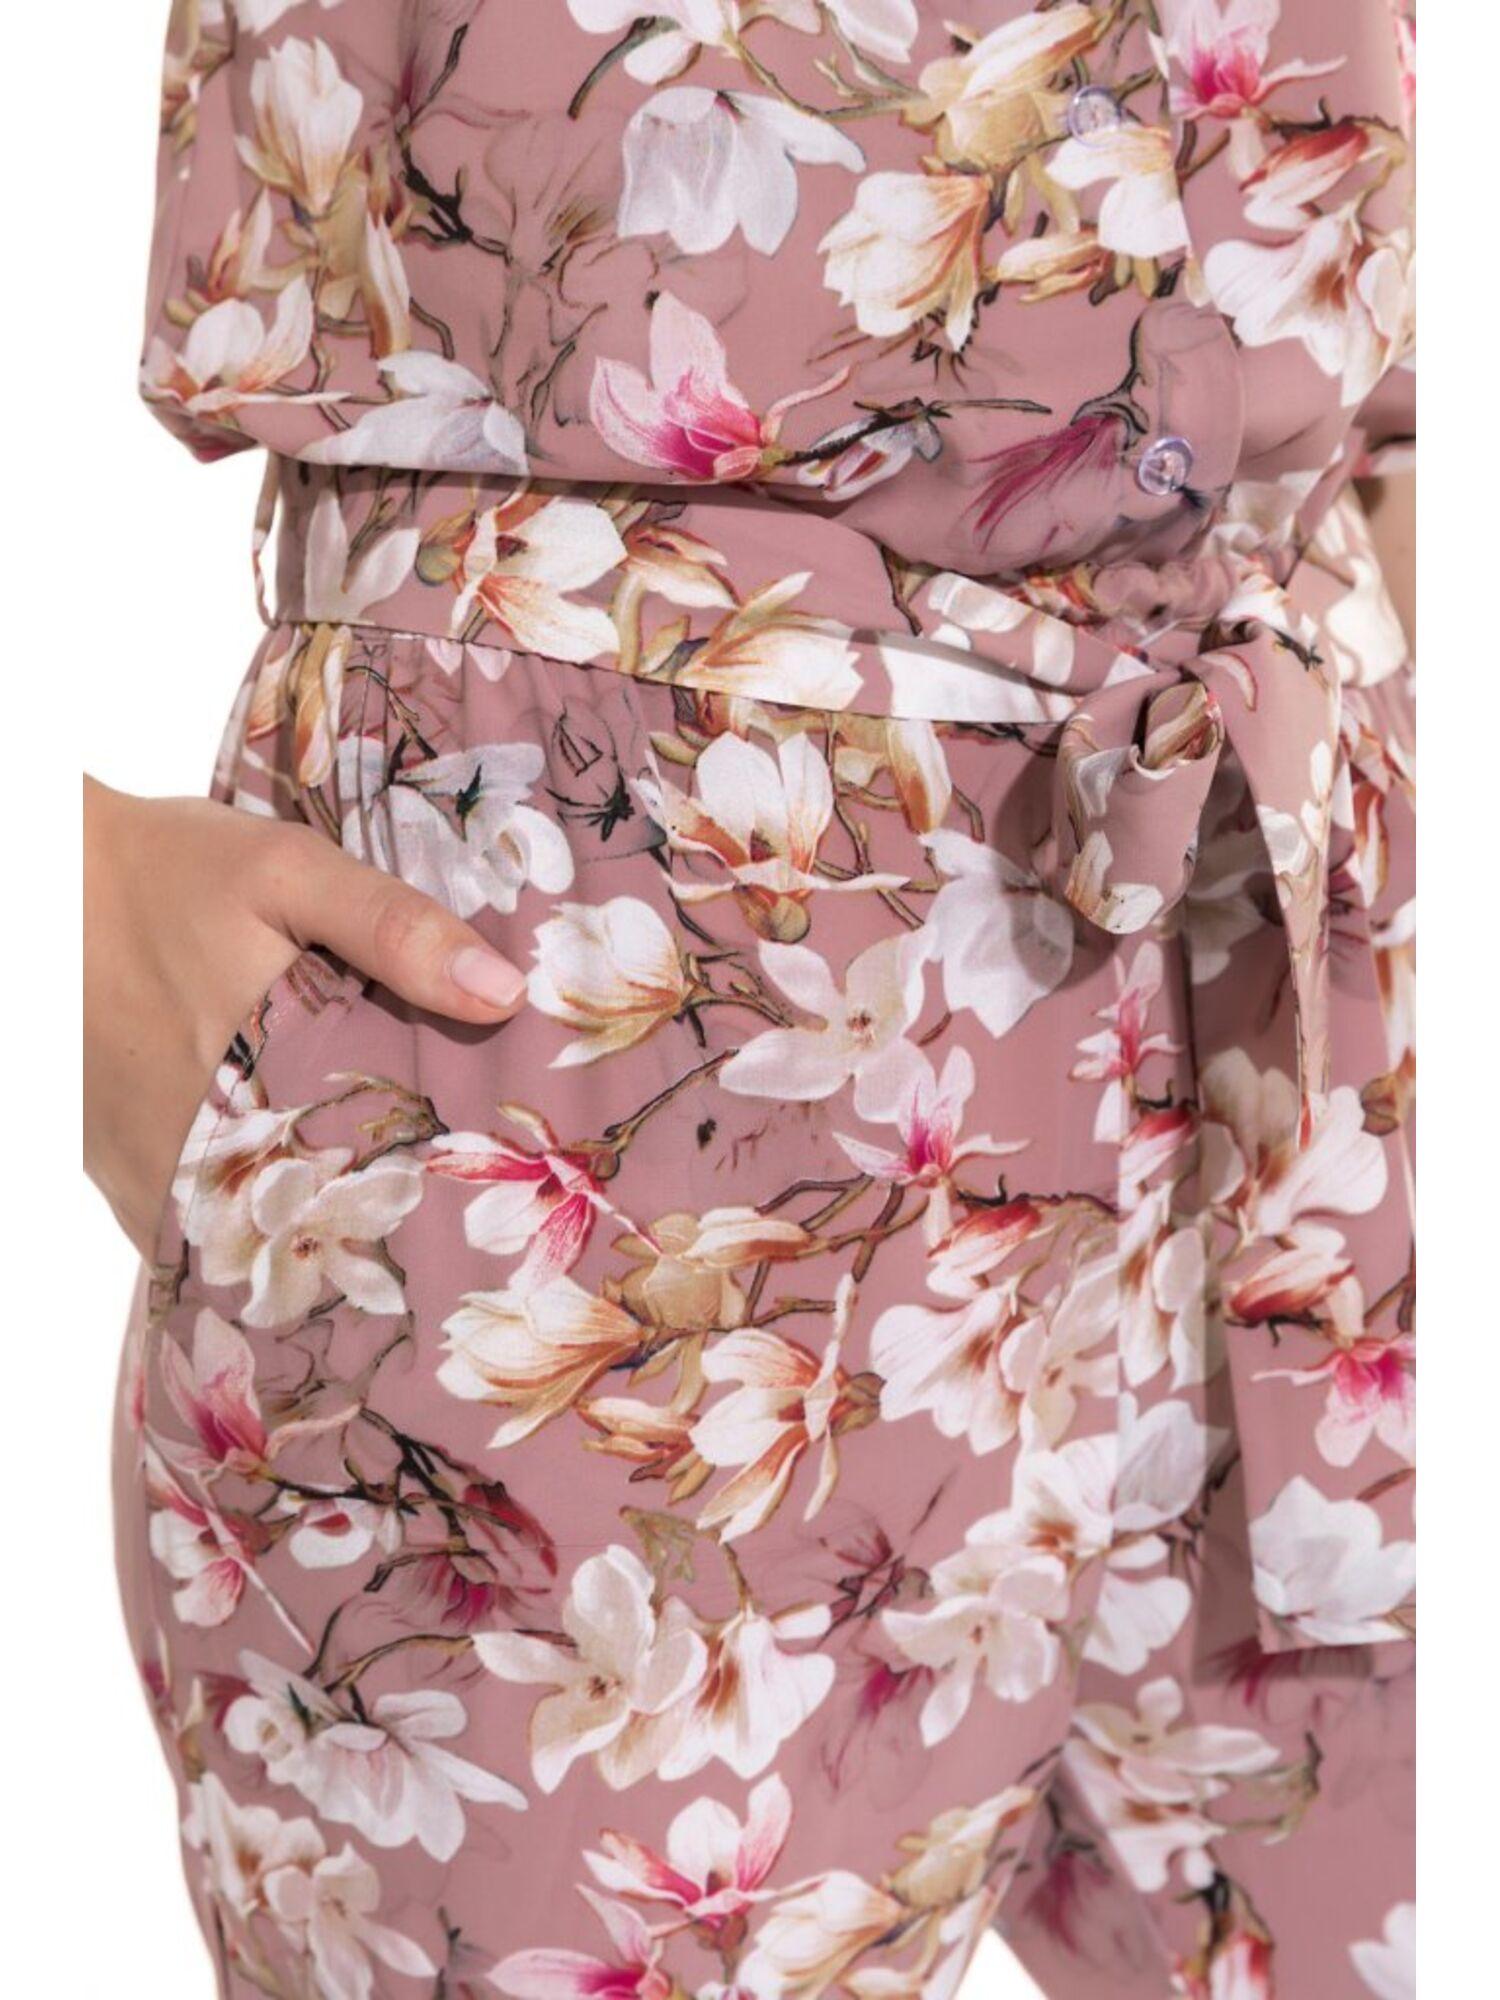 Комбинезон из натуральной вискозы Fleurs de magnolia 223